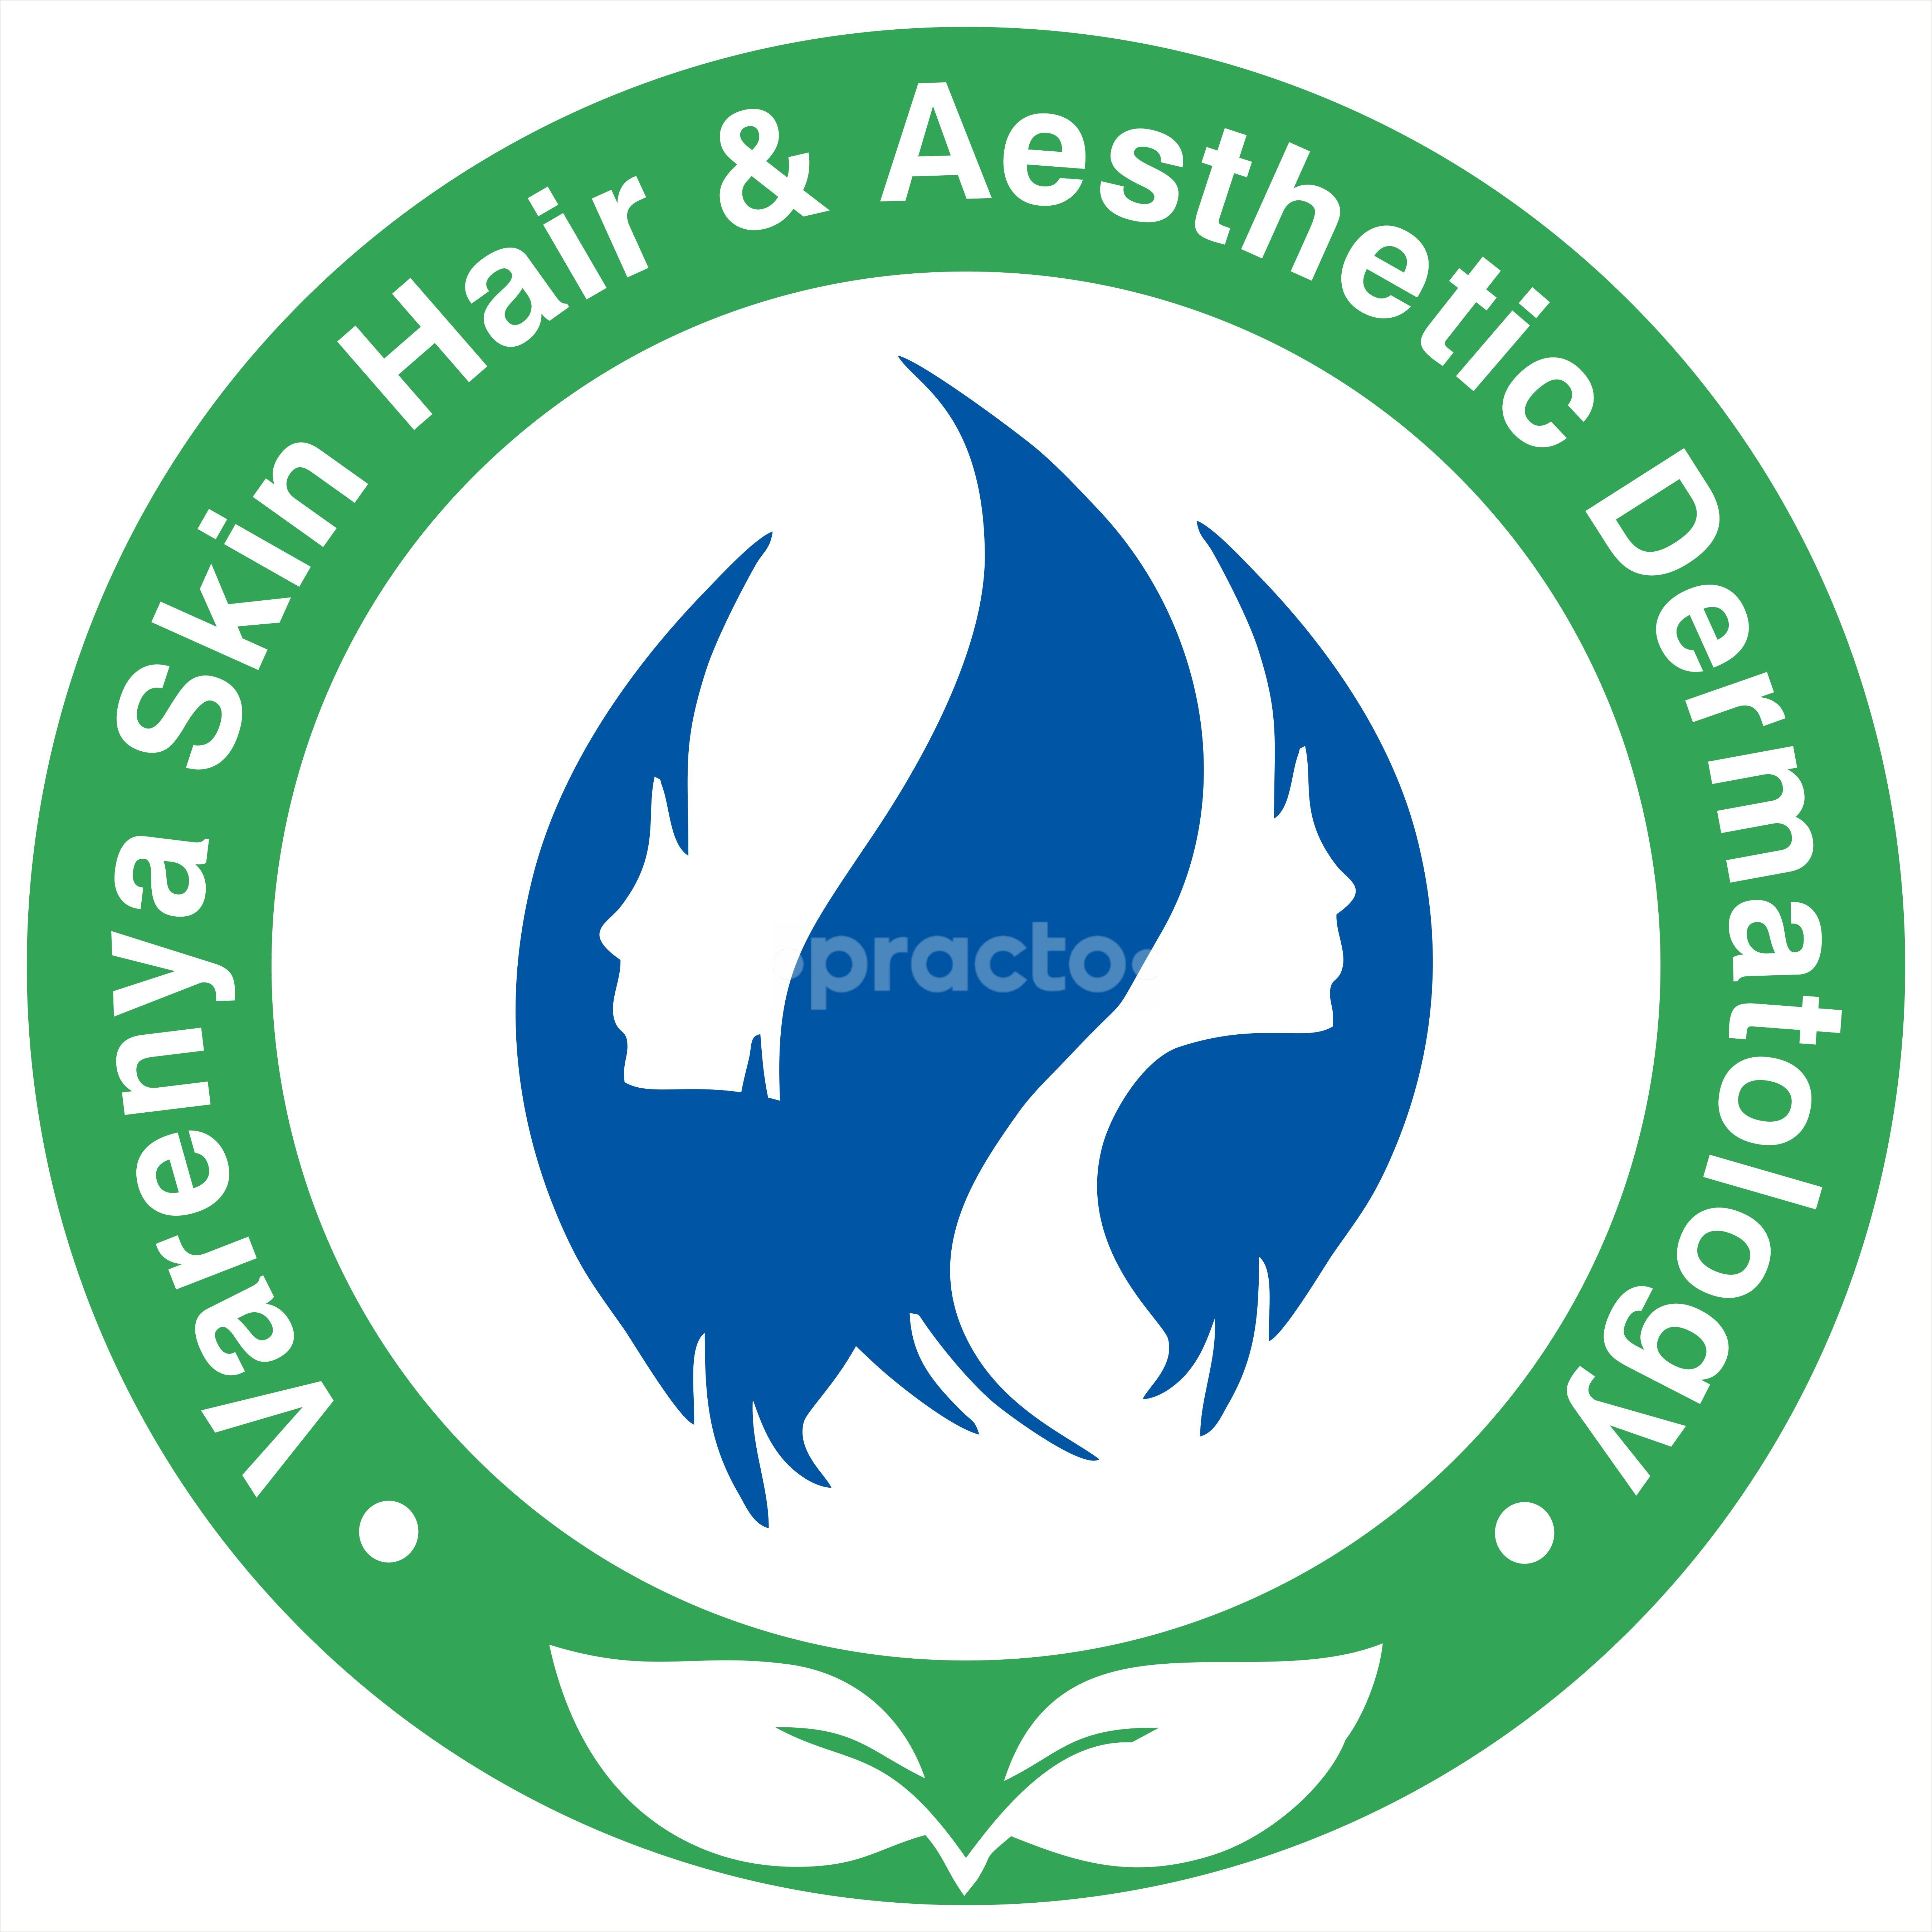 Varenya Skin, Hair Aesthetic Clinic